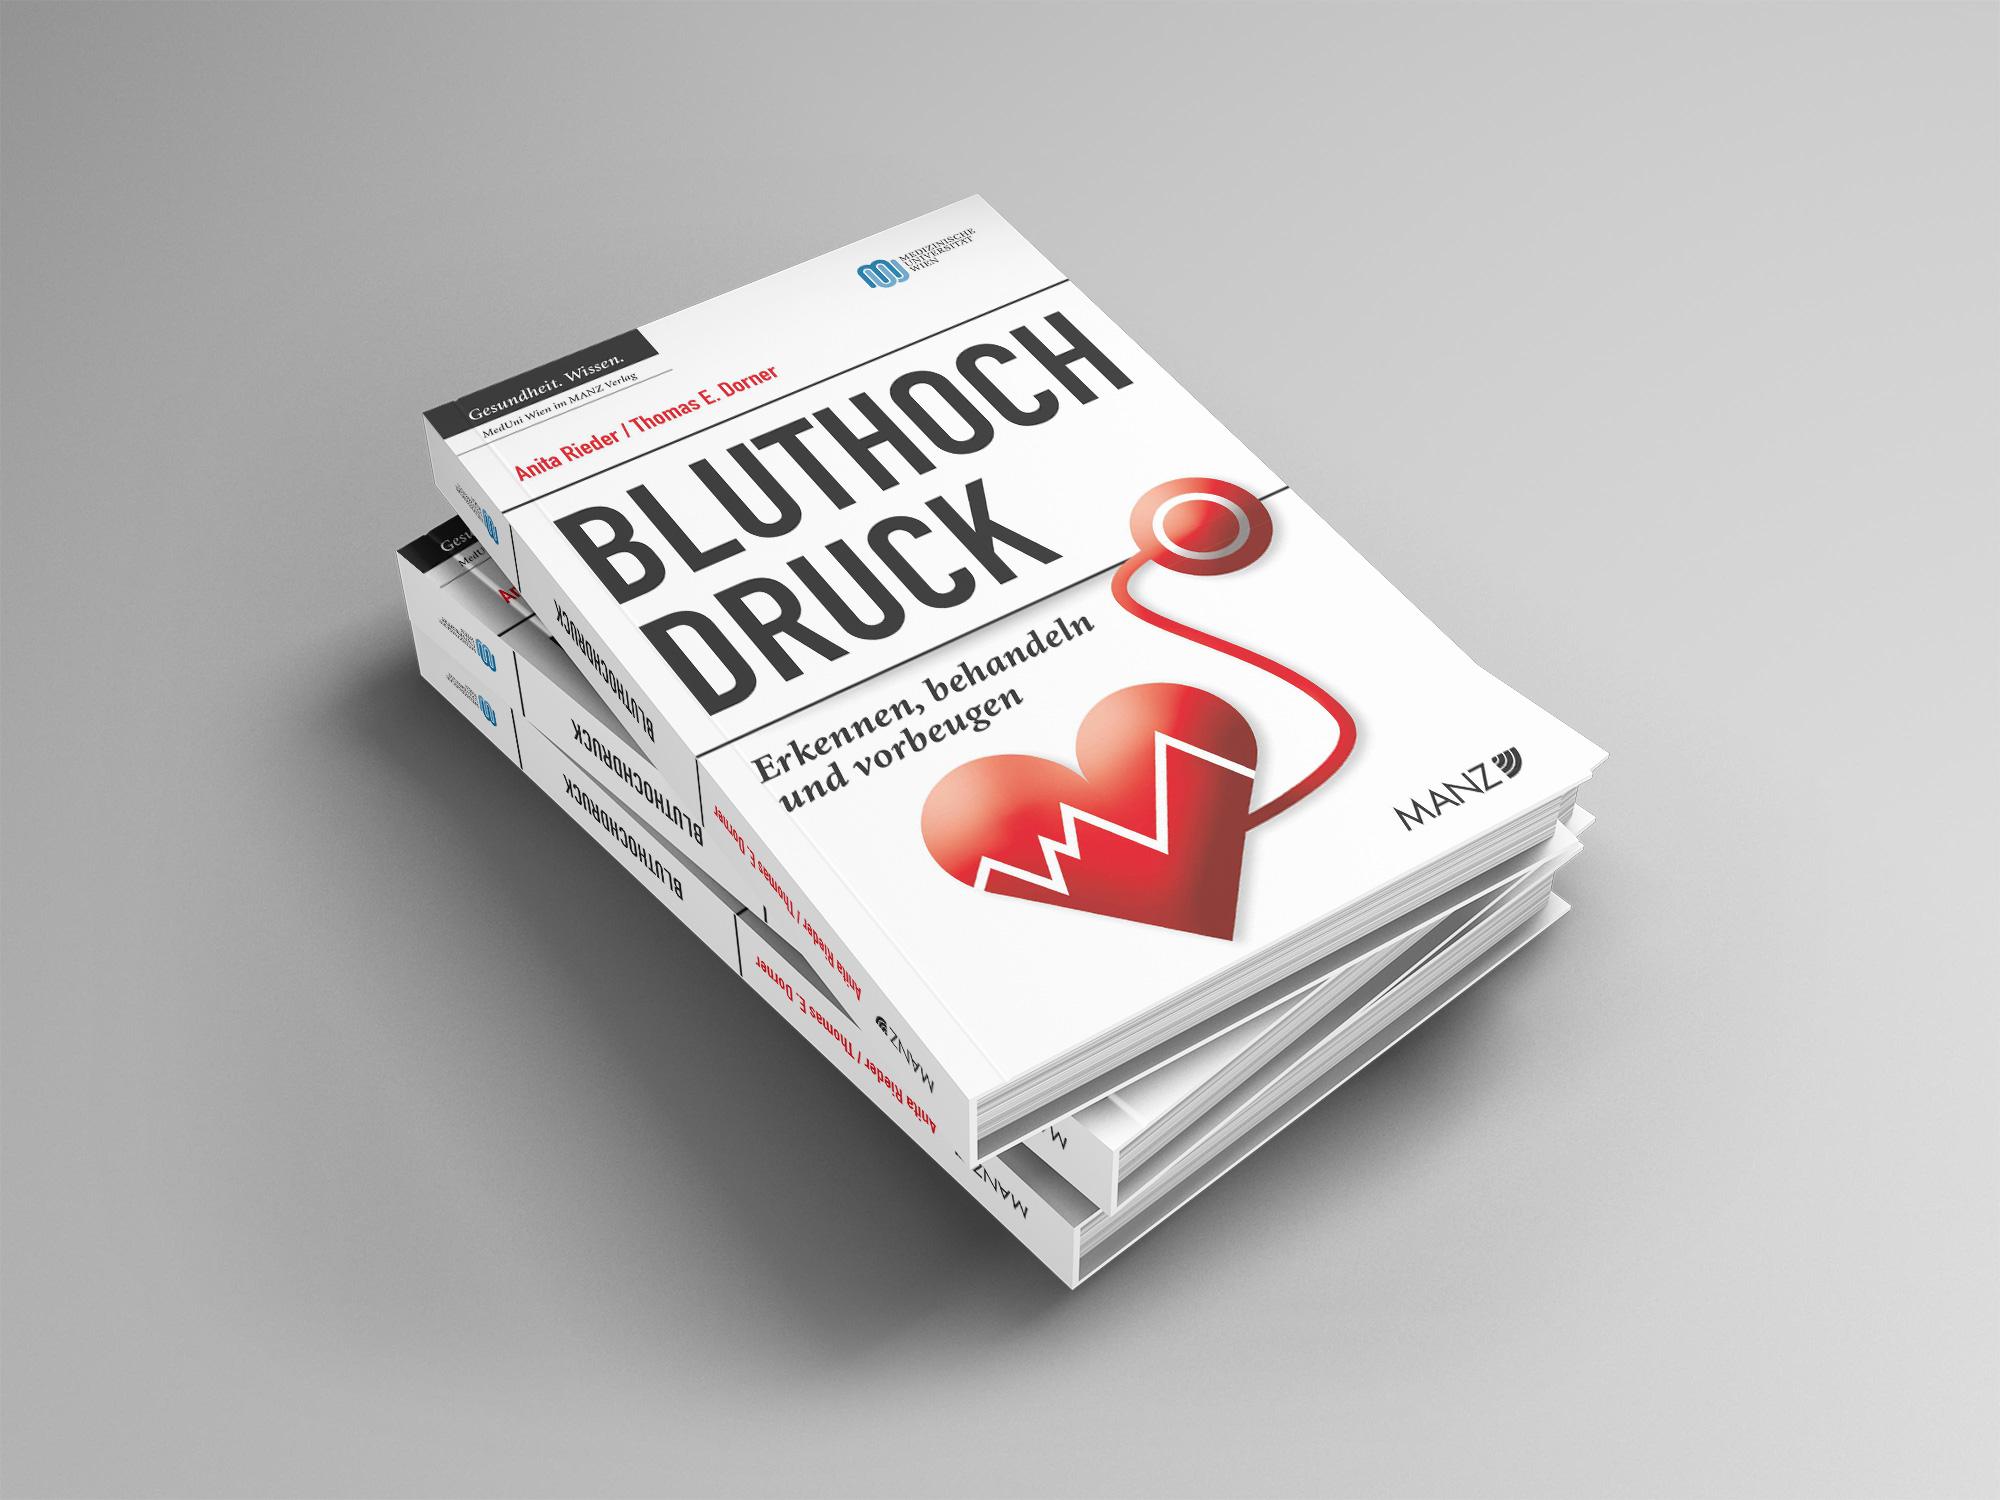 MANZ_Rieder_Bluthochdruck_Coversimulation_Web